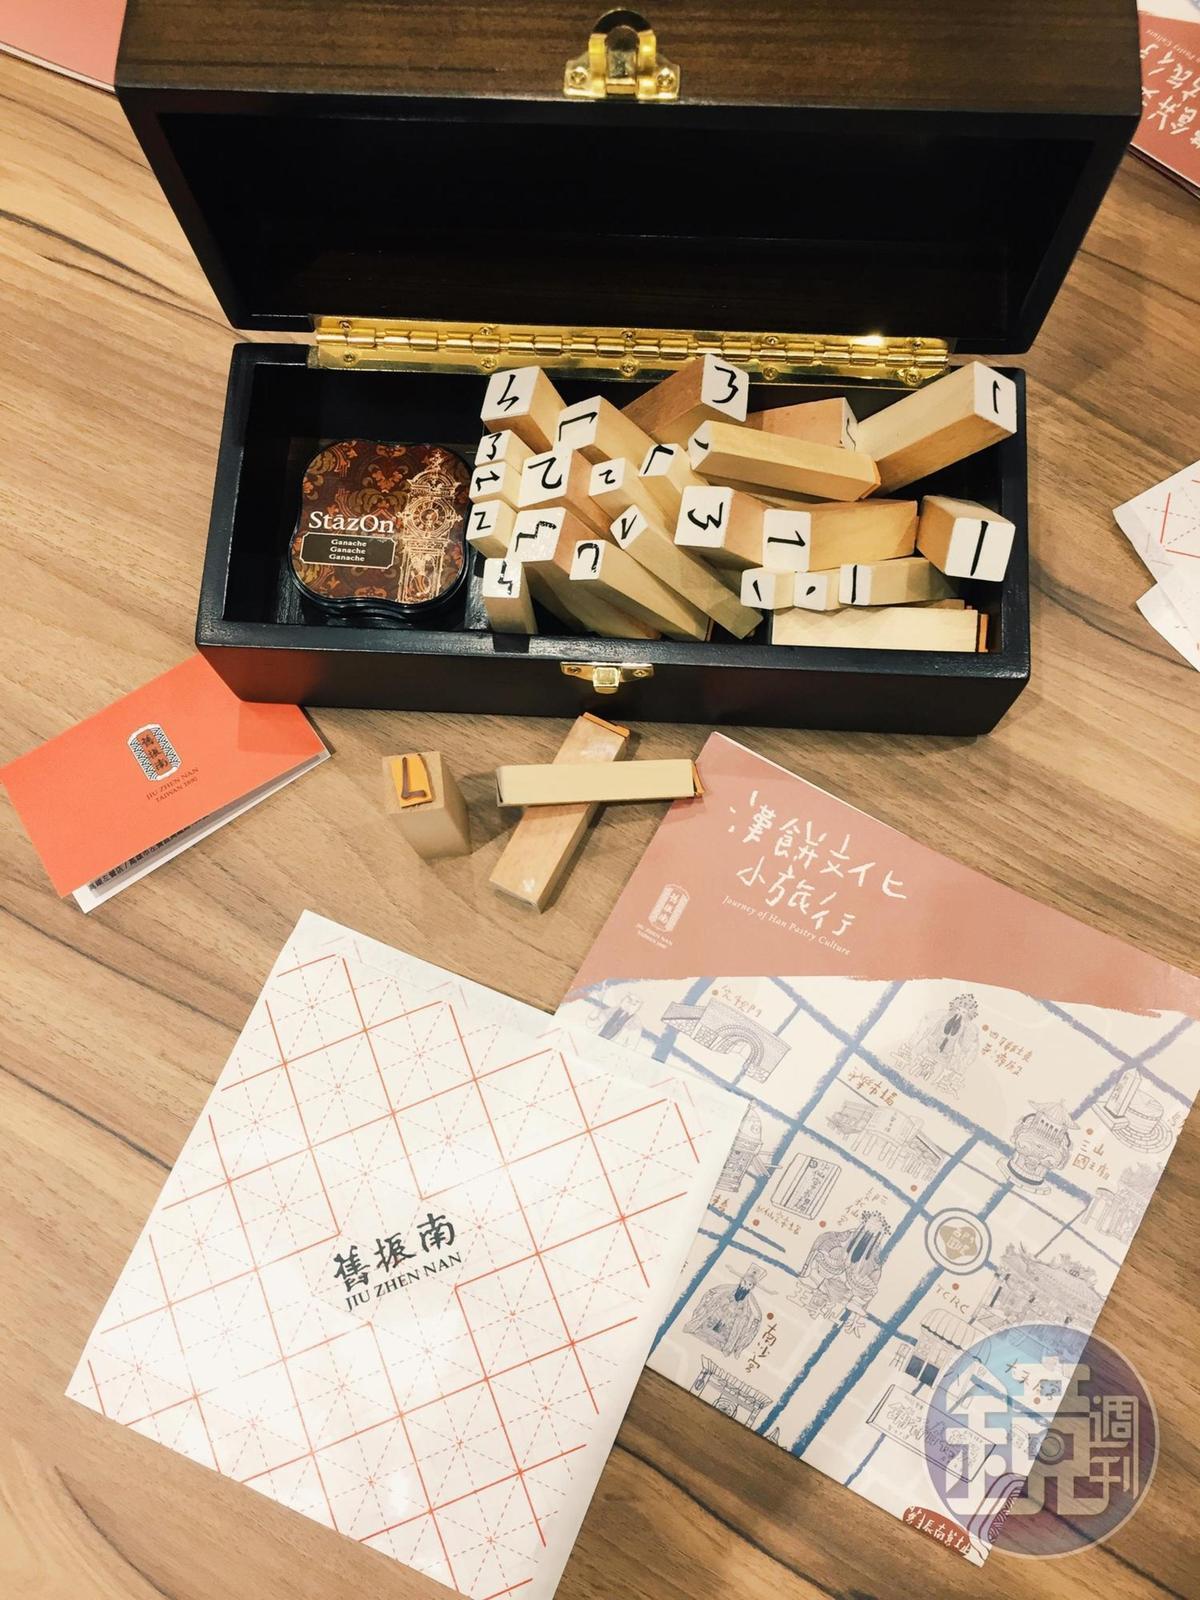 木盒裡的印章是以筆畫刻成,還不是部首,要蓋出字來有一點難度。